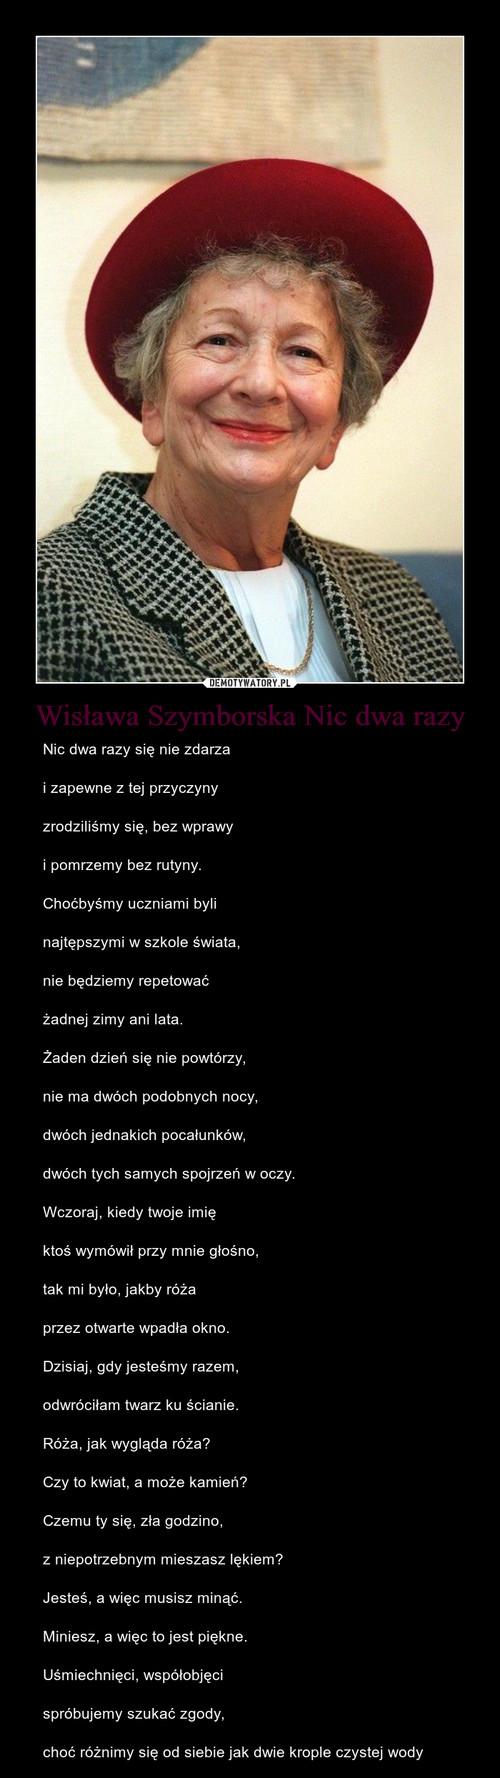 Wisława Szymborska Nic dwa razy